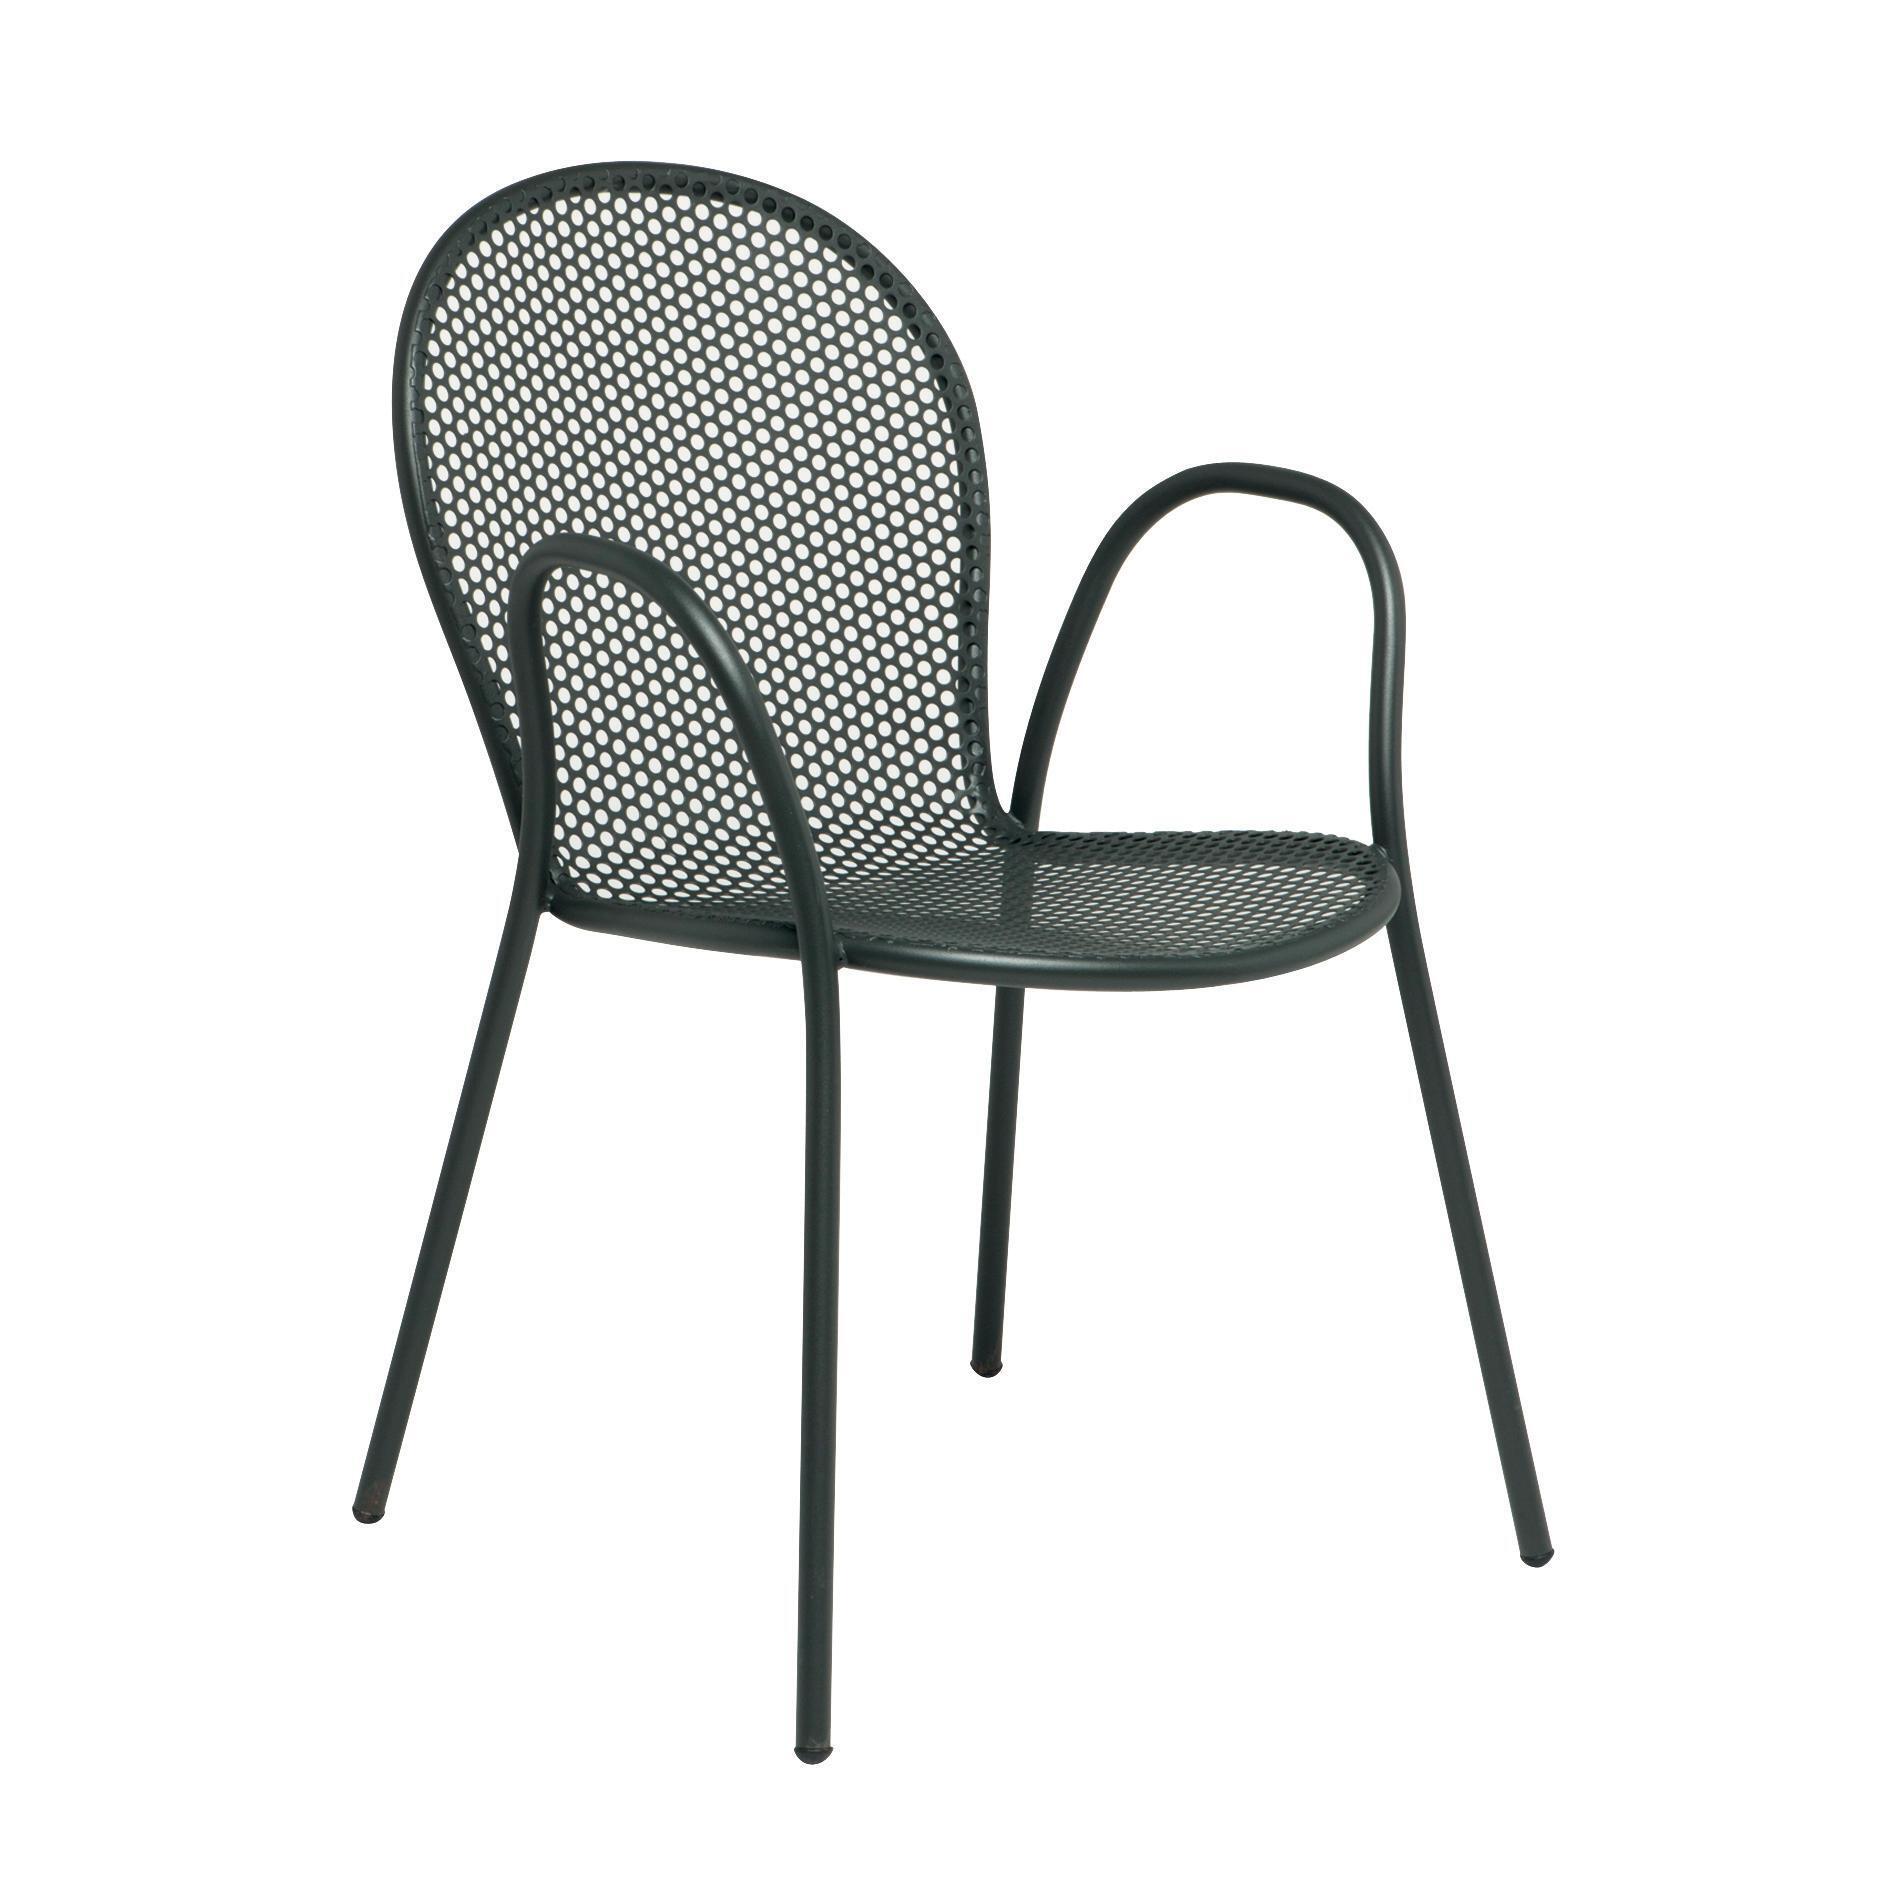 Sedia con braccioli senza cuscino Pavesino colore antracite - 1